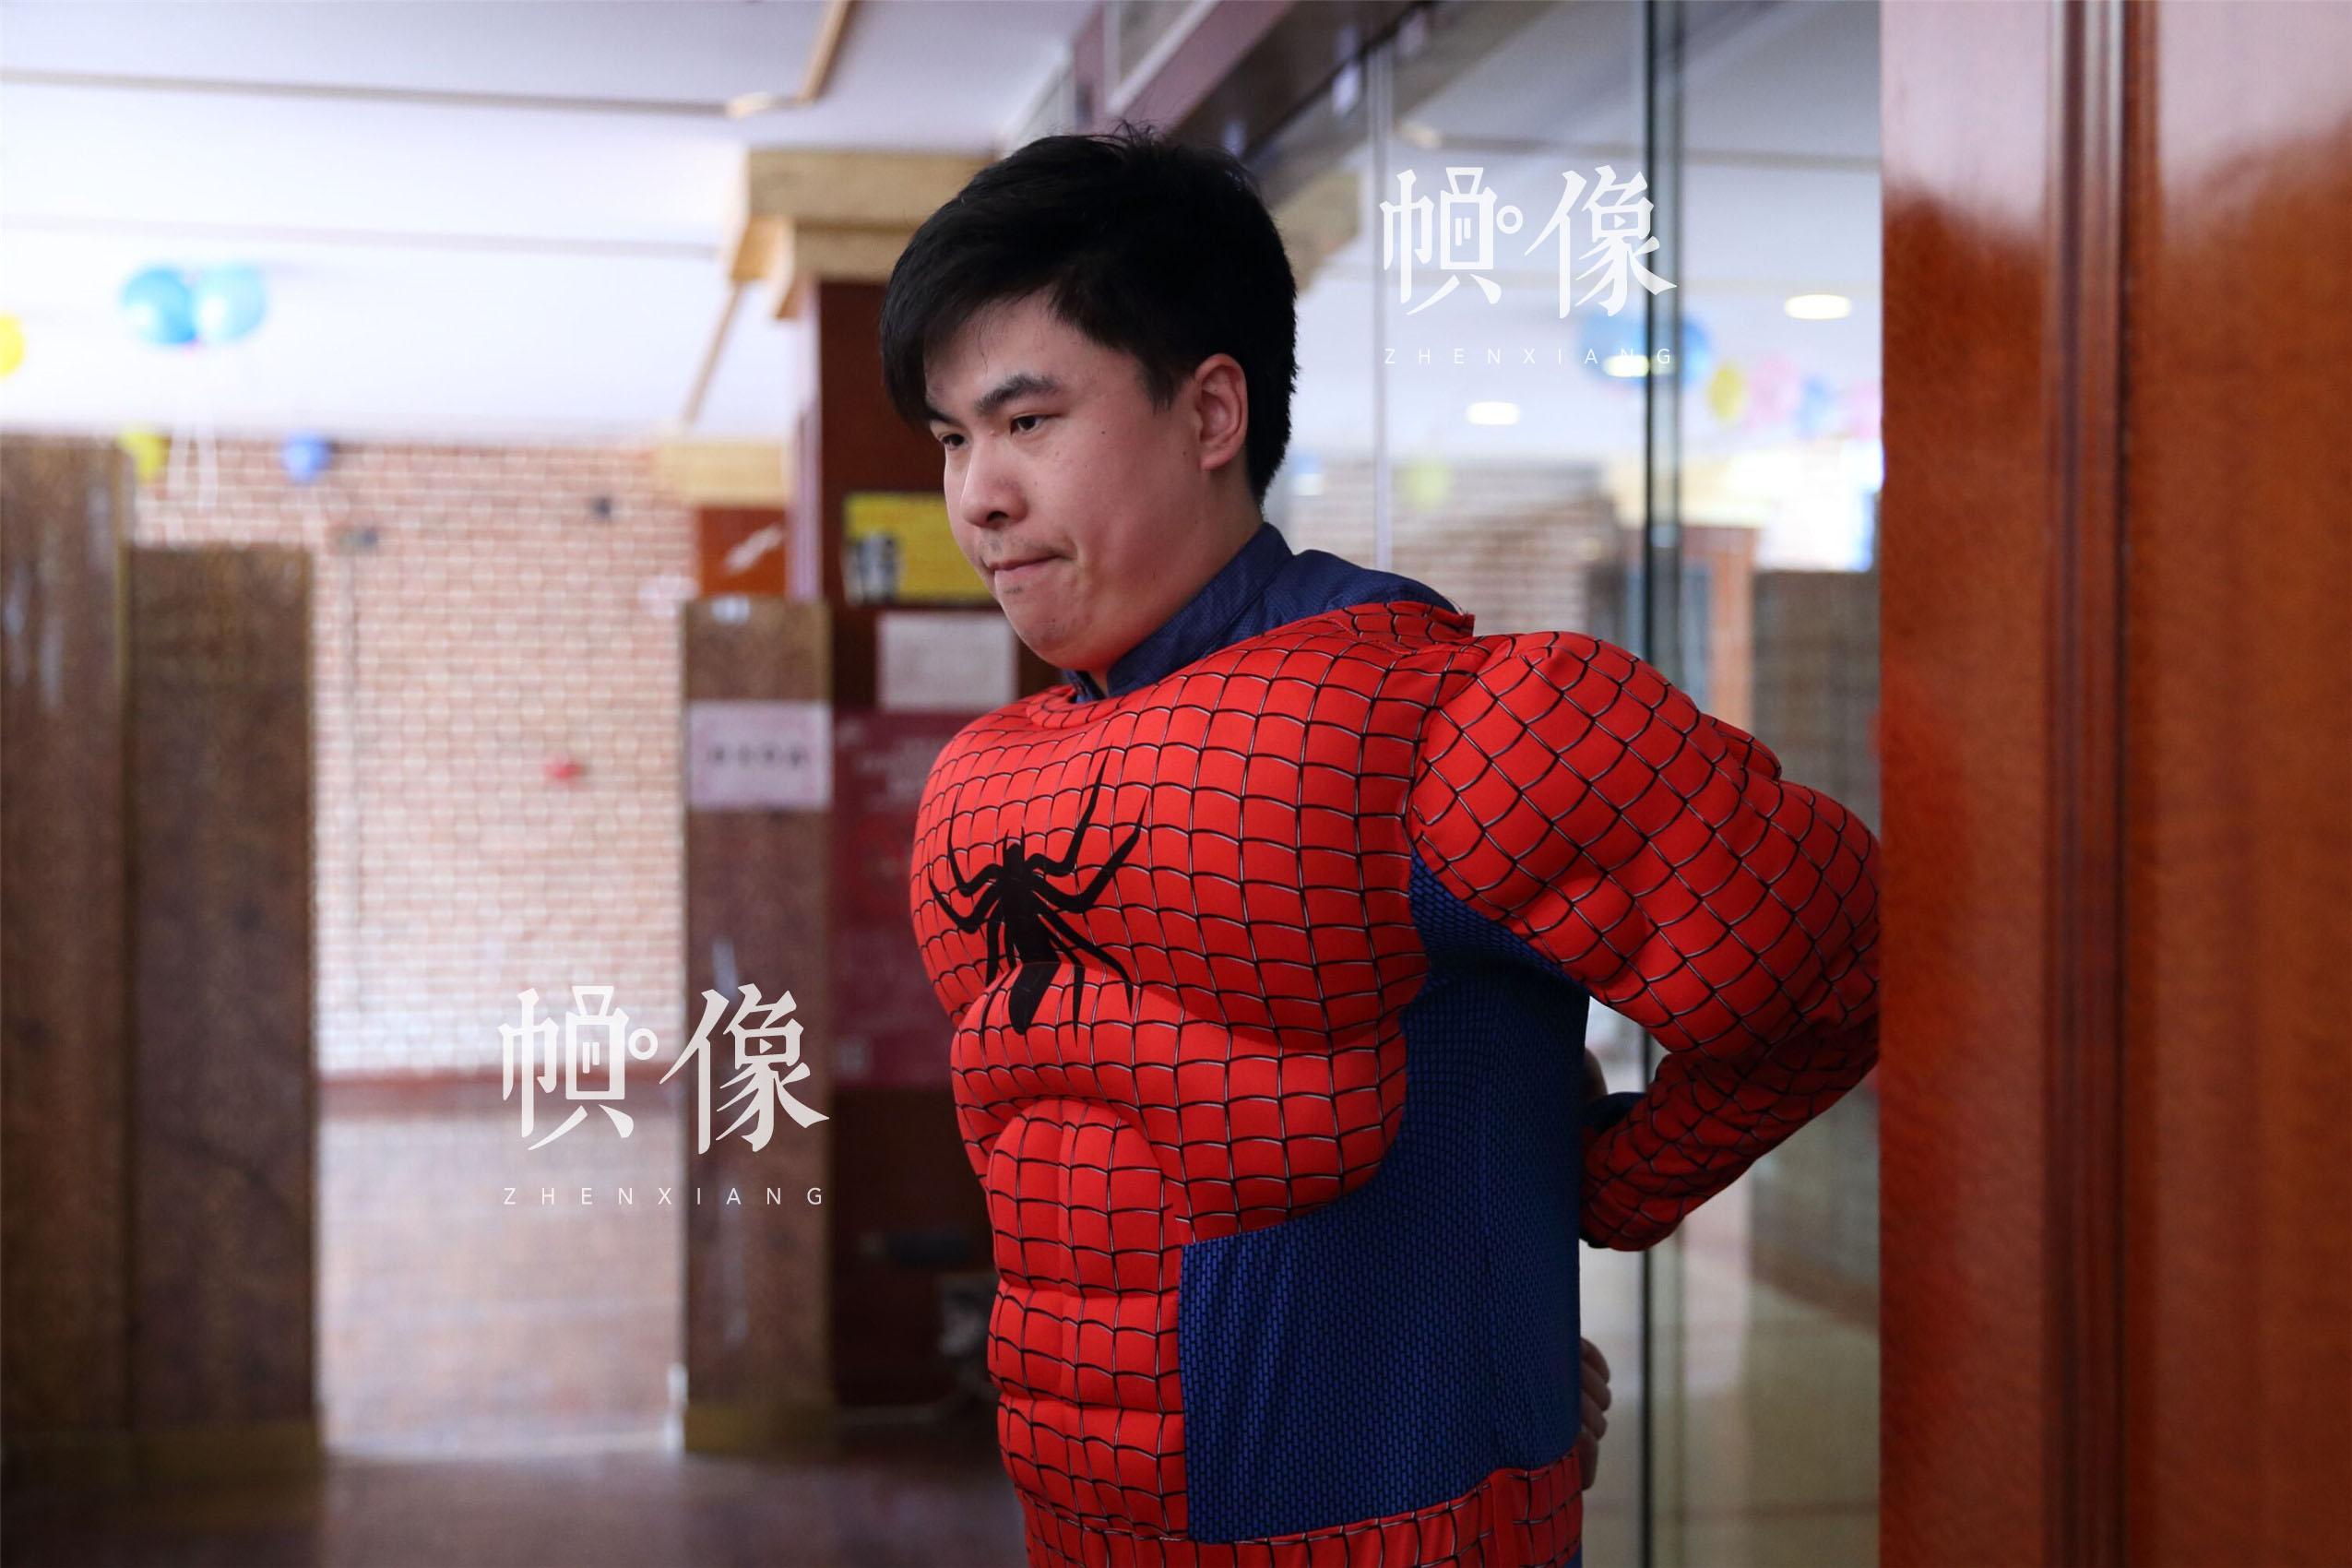 """2017年5月26日,北京首都儿科研究所,男护士季长绪扮演""""蜘蛛侠""""。季长绪是首儿所医院手术室的第一批男护士之一,已成为手术室的技术骨干。当天,医院为白血病患儿举办了""""你是我的英雄""""儿童节公益活动。中国网记者 陈维松 摄"""